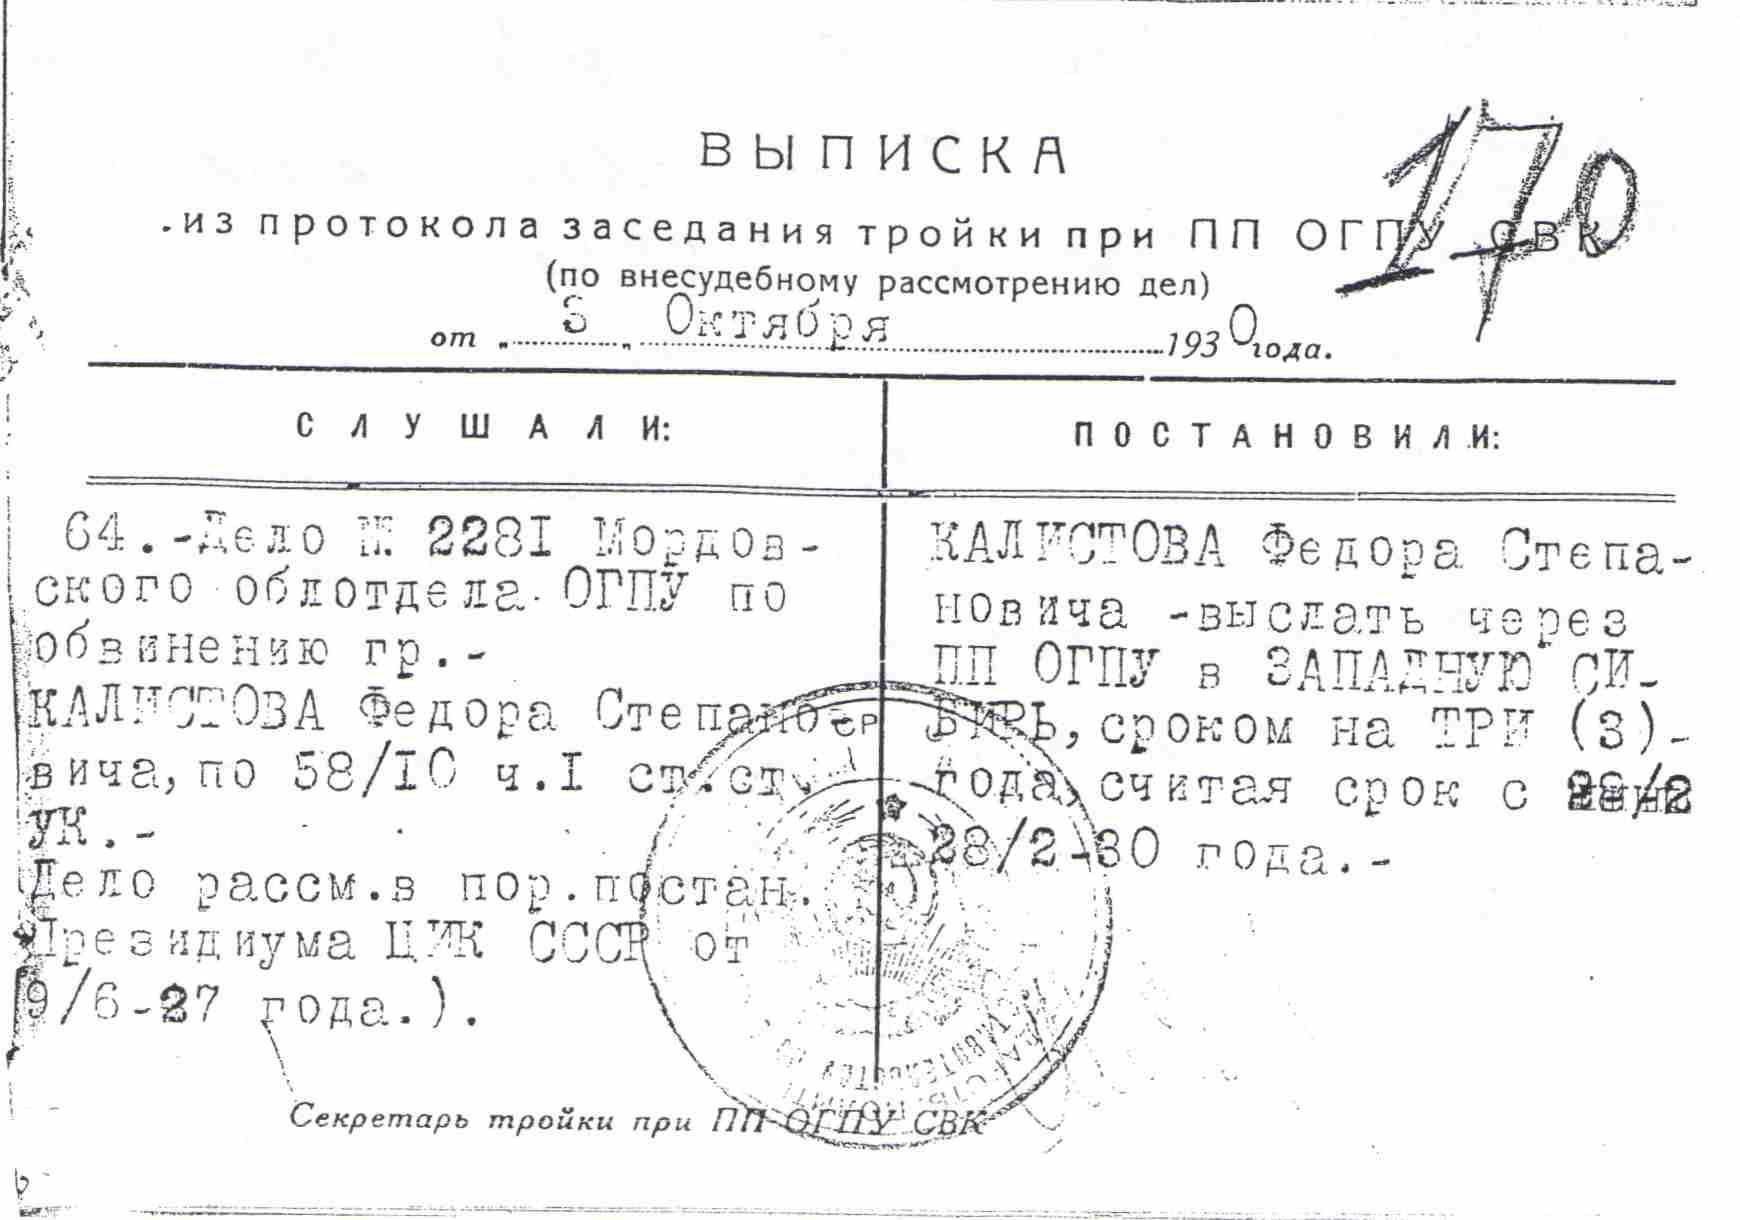 Ссылка Каллистова Федора Степановича в Западную Сибирь сроком на 3 года с 28 февраля 1930 года